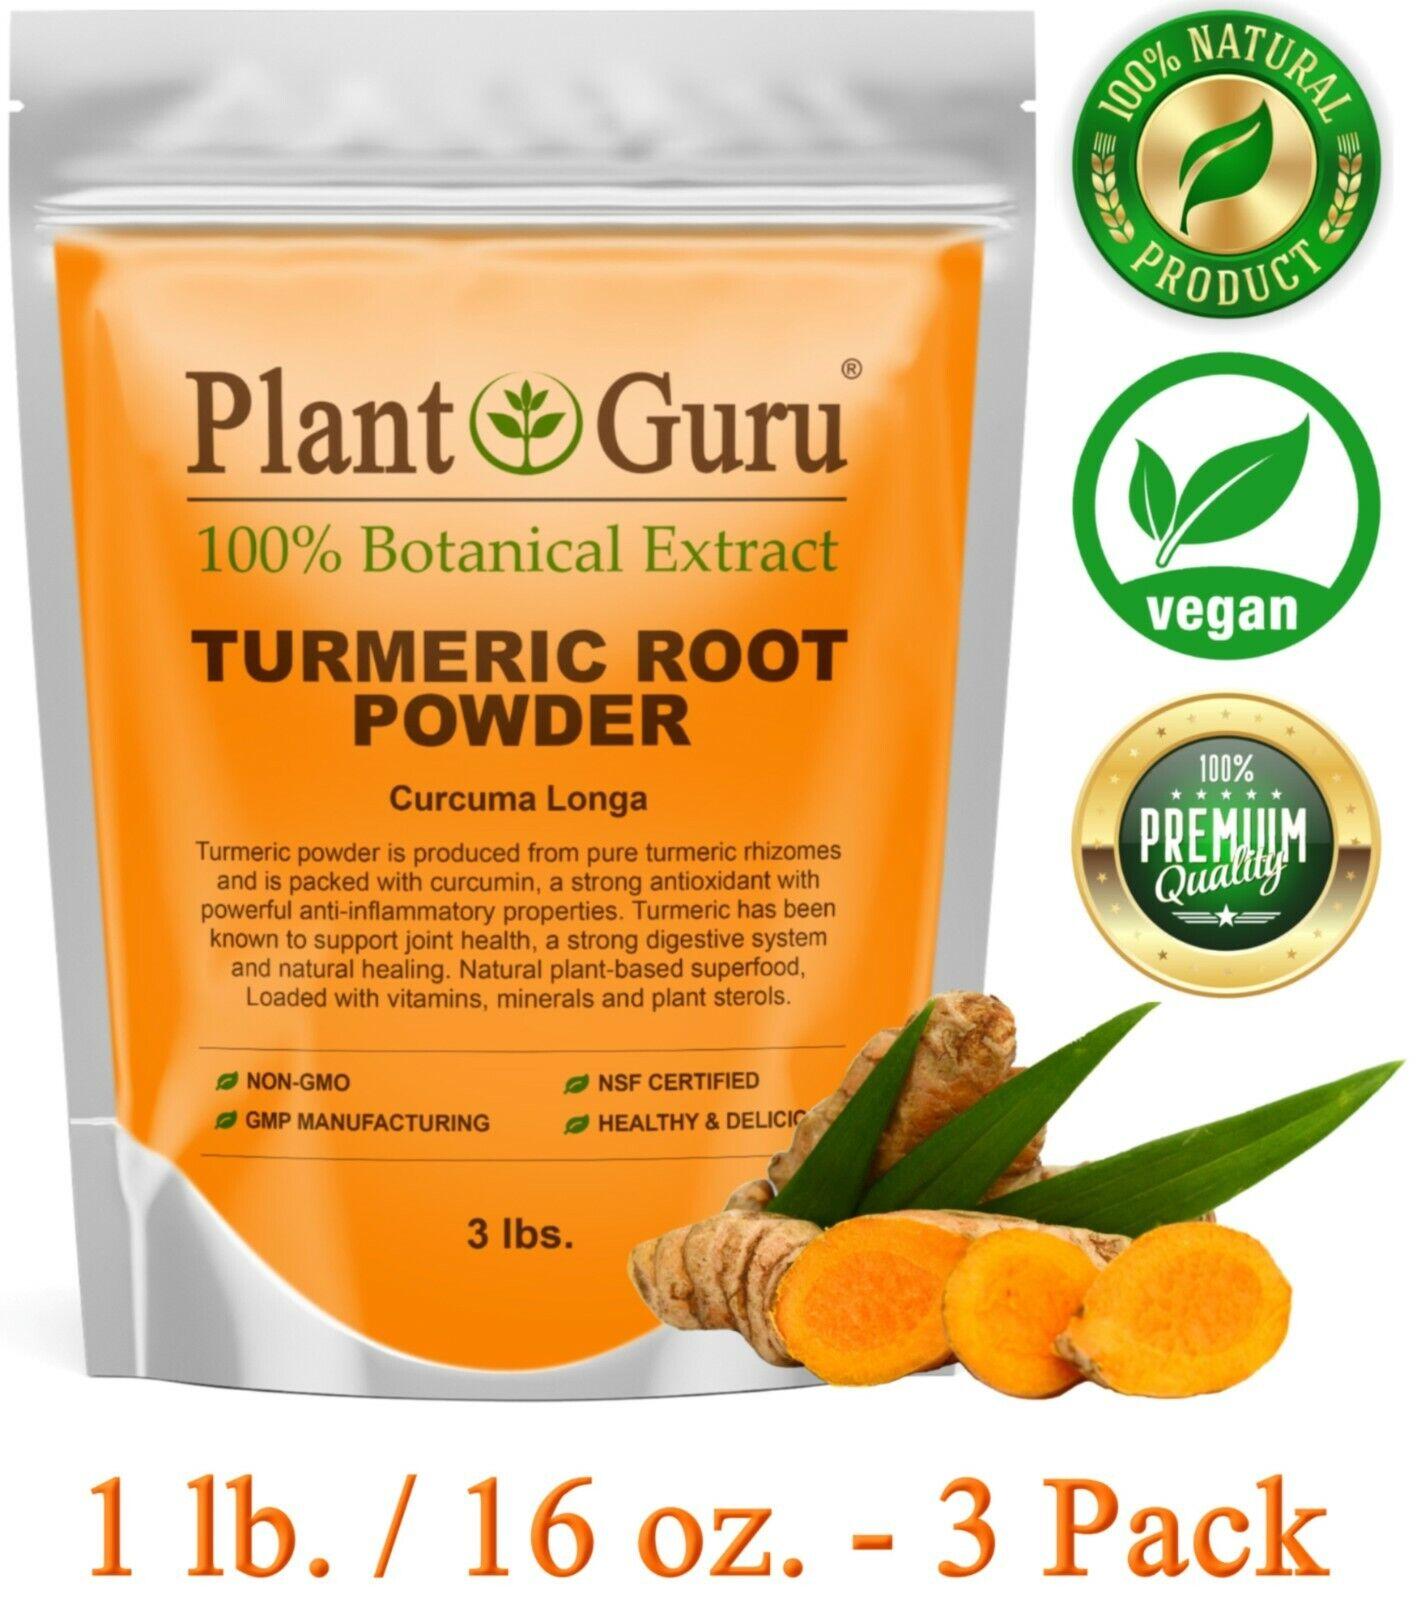 Turmeric Root Powder 1 lb. 100% Pure Organic Curcuma Longa T